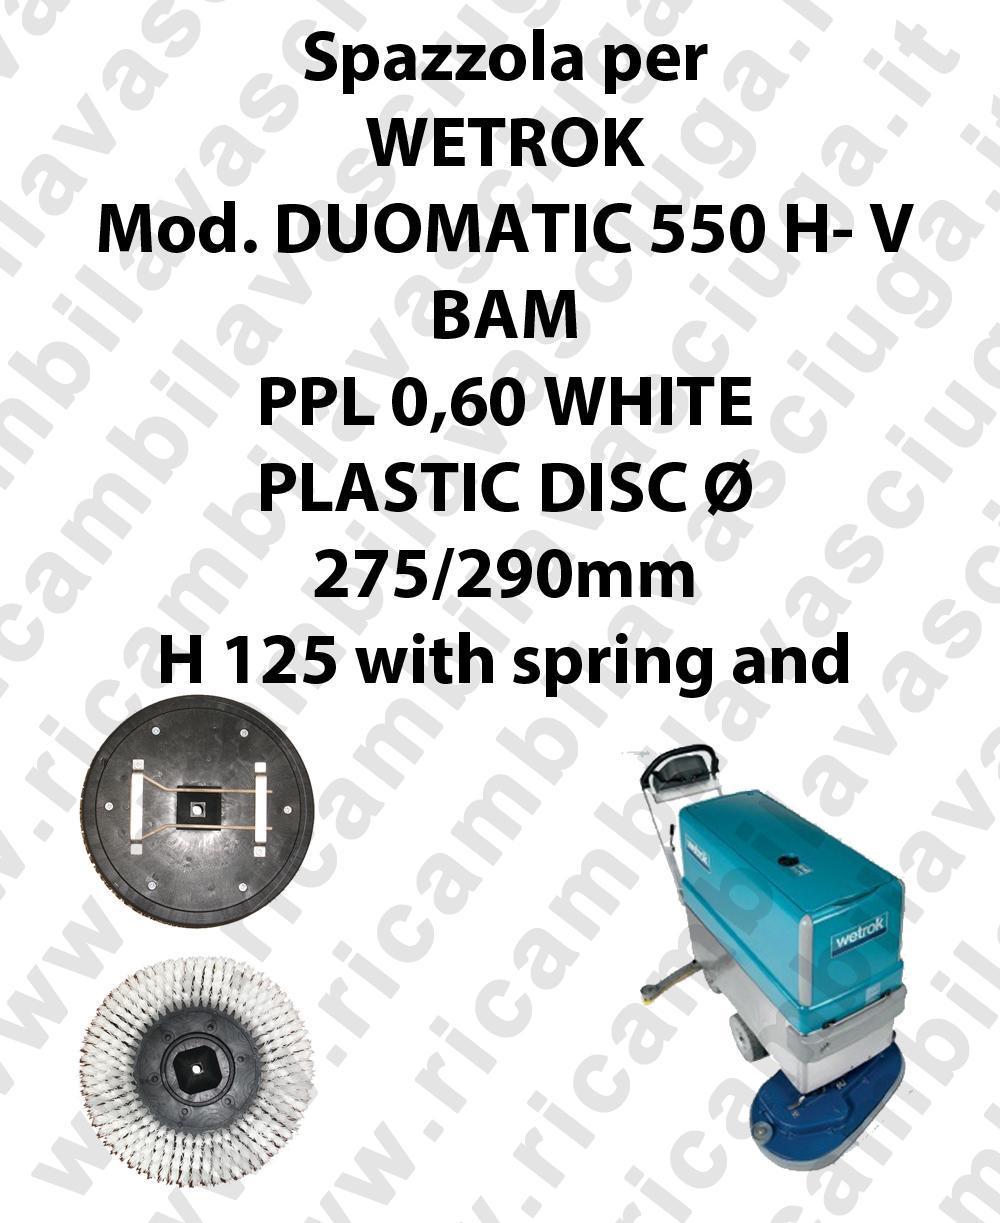 CEPILLO DE LAVADO PPL 0,60 WHITE para fregadora WETROK modelo DUOMATIC 550 H-V BAM